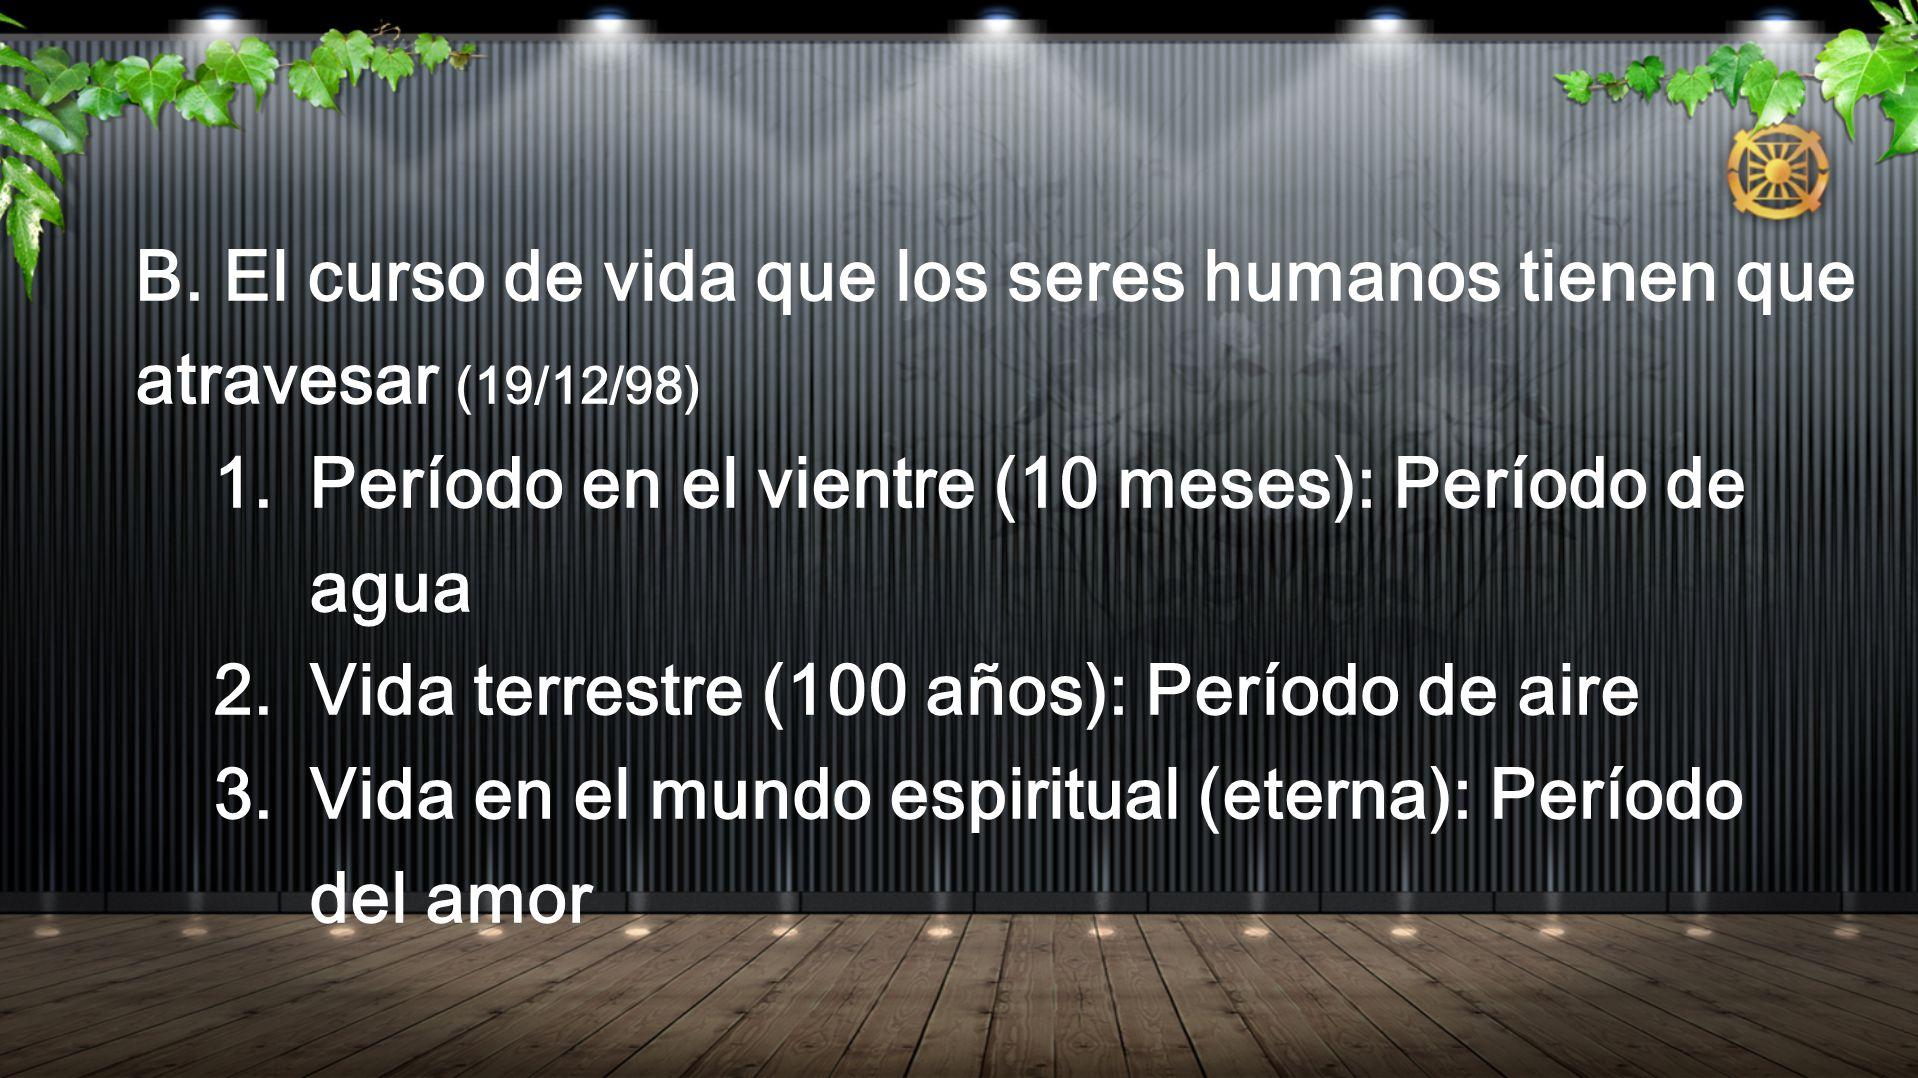 B. El curso de vida que los seres humanos tienen que atravesar (19/12/98)